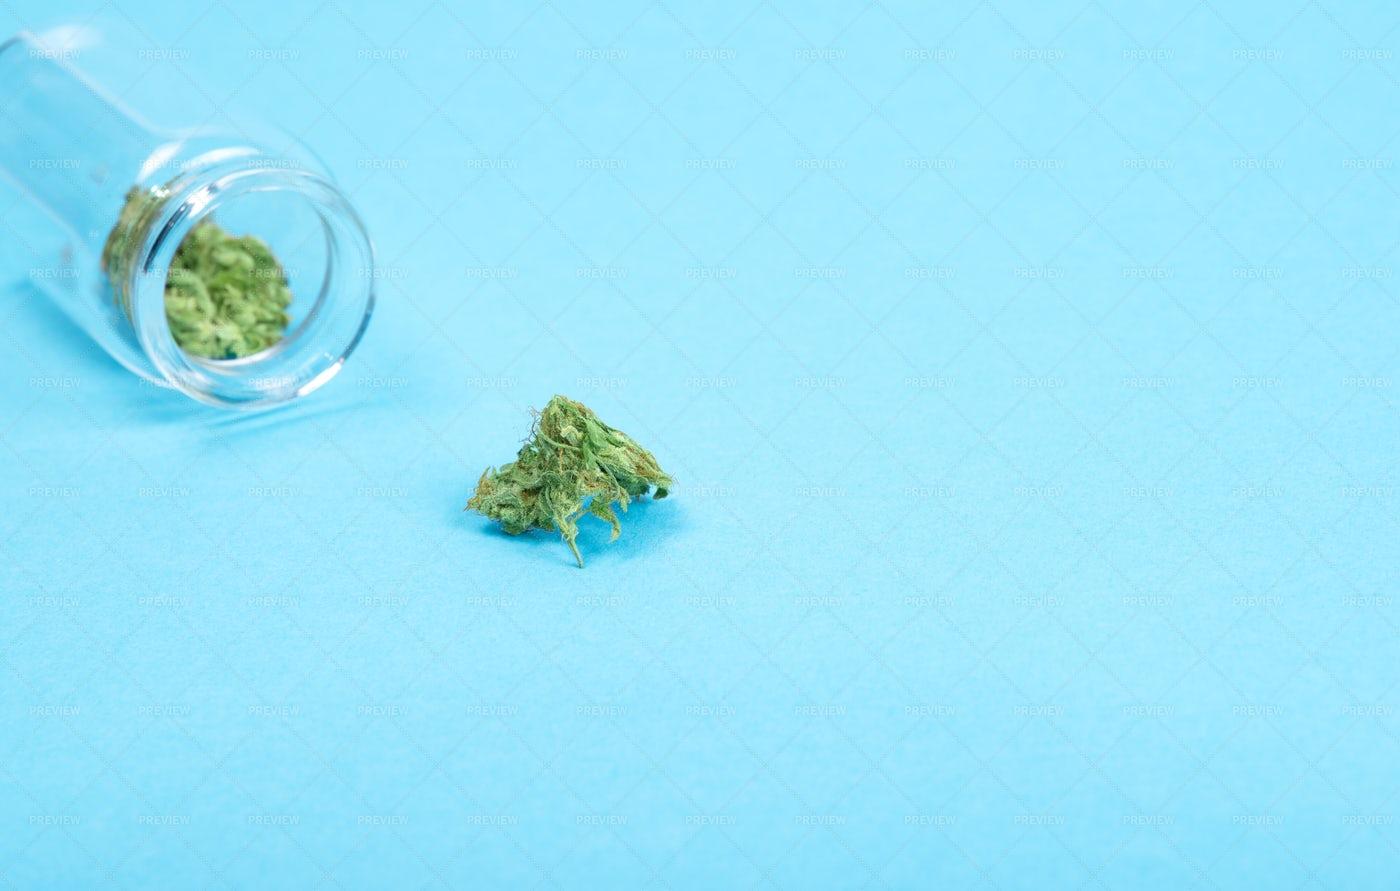 Medical Marijuana Buds: Stock Photos